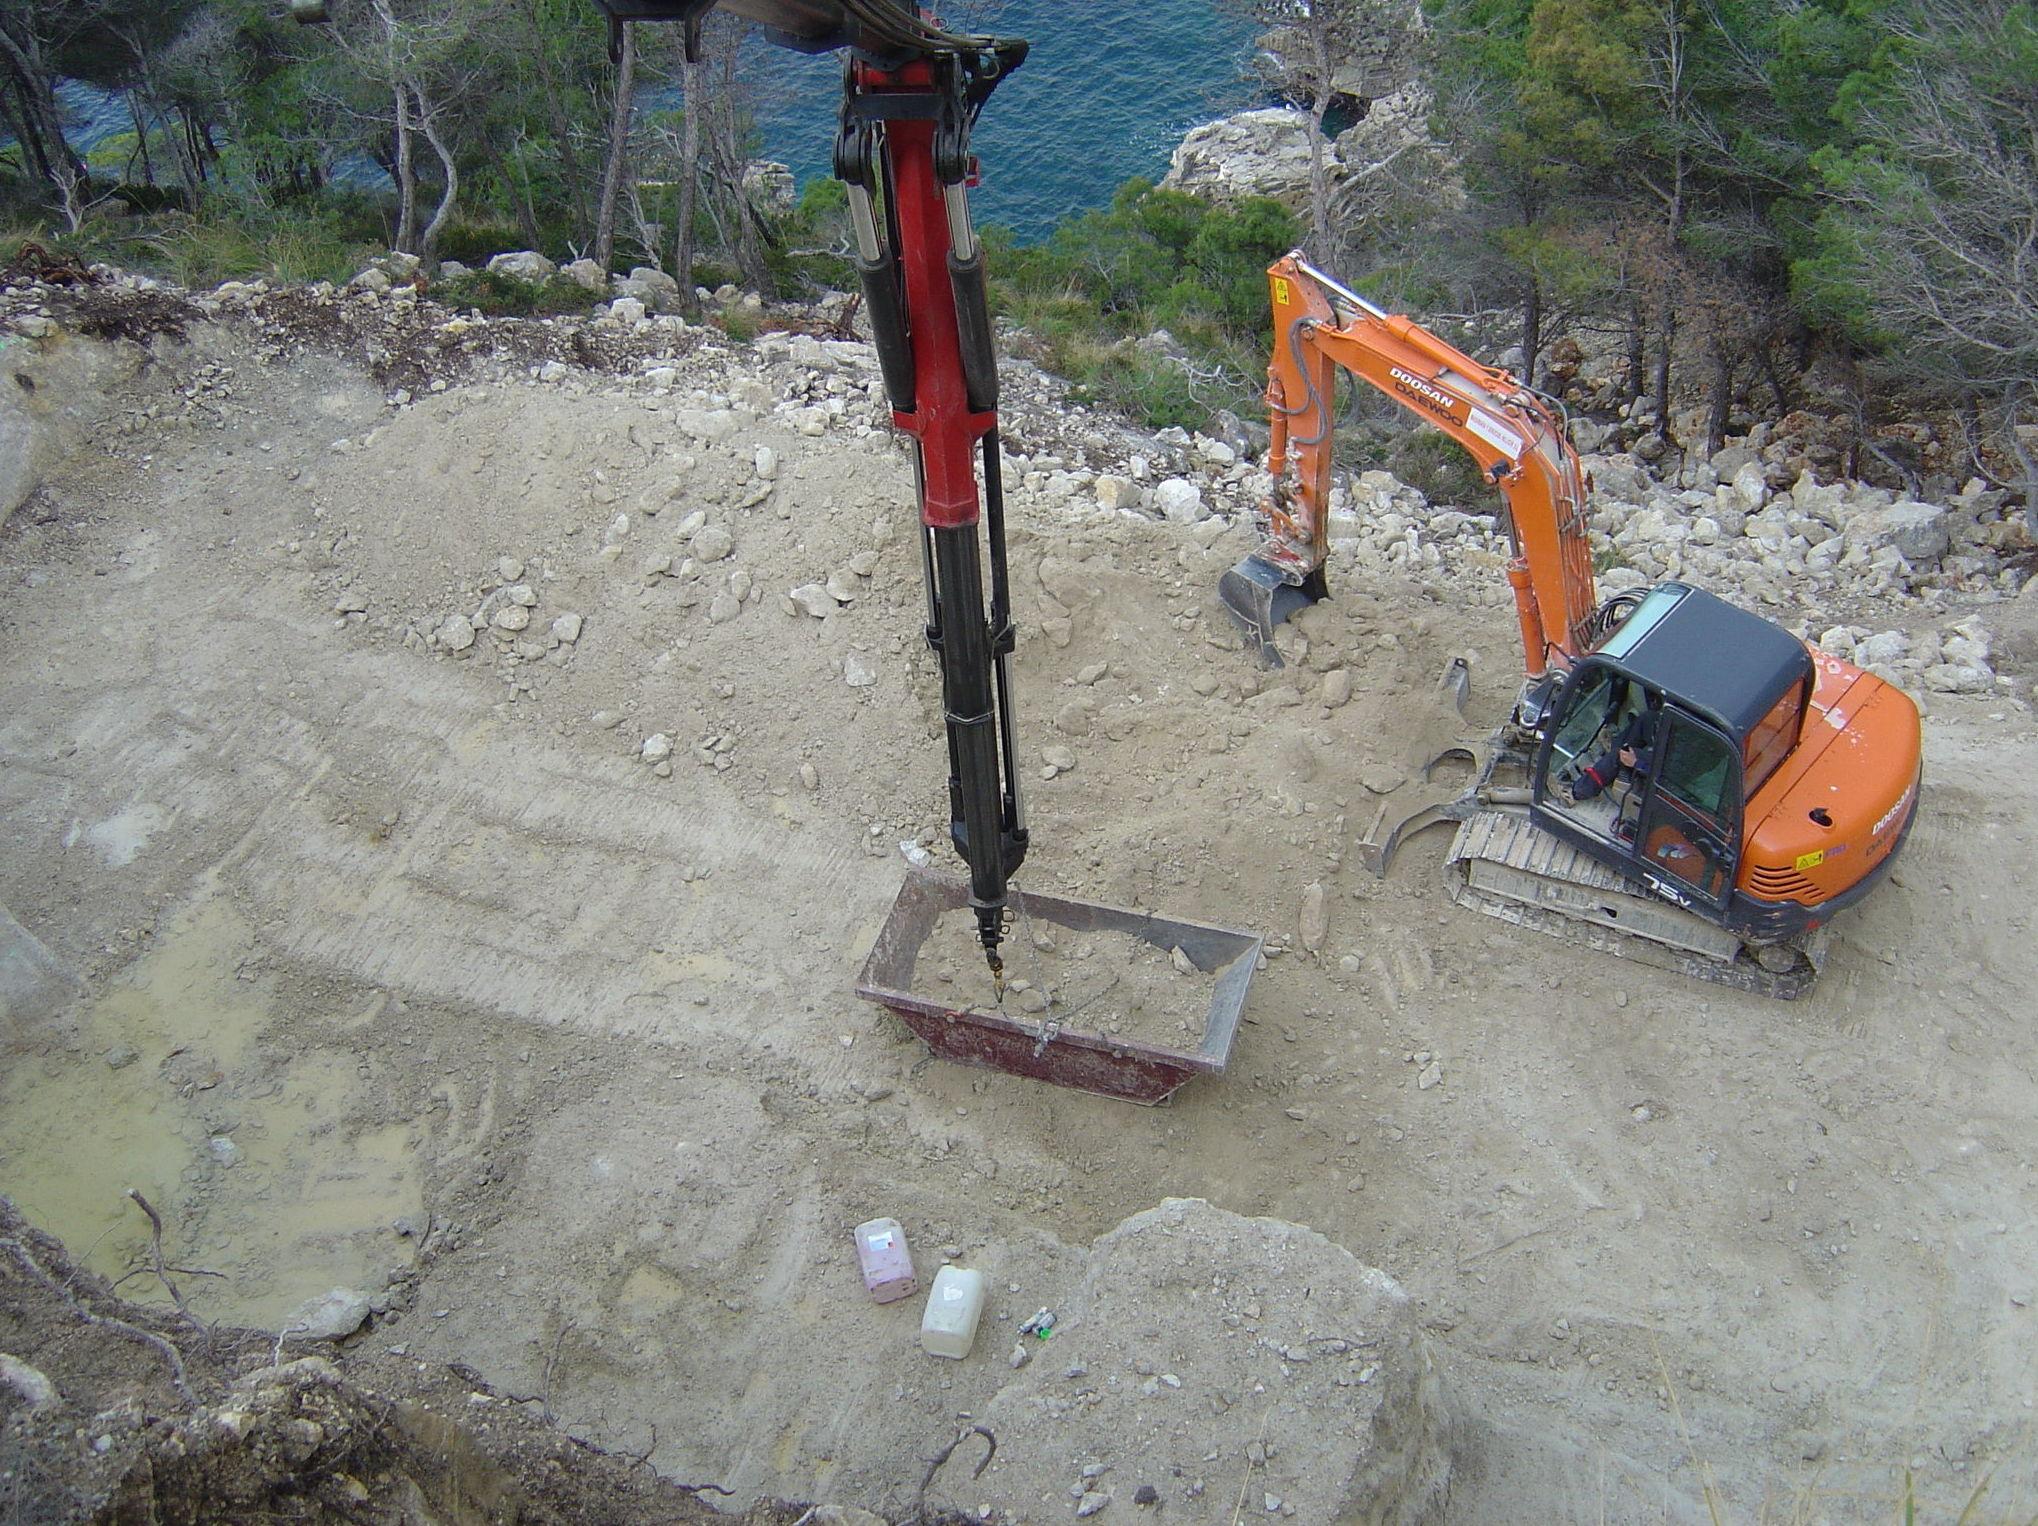 Foto 11 de Venta de material de construcción en Son Servera | Grupo Pallicer